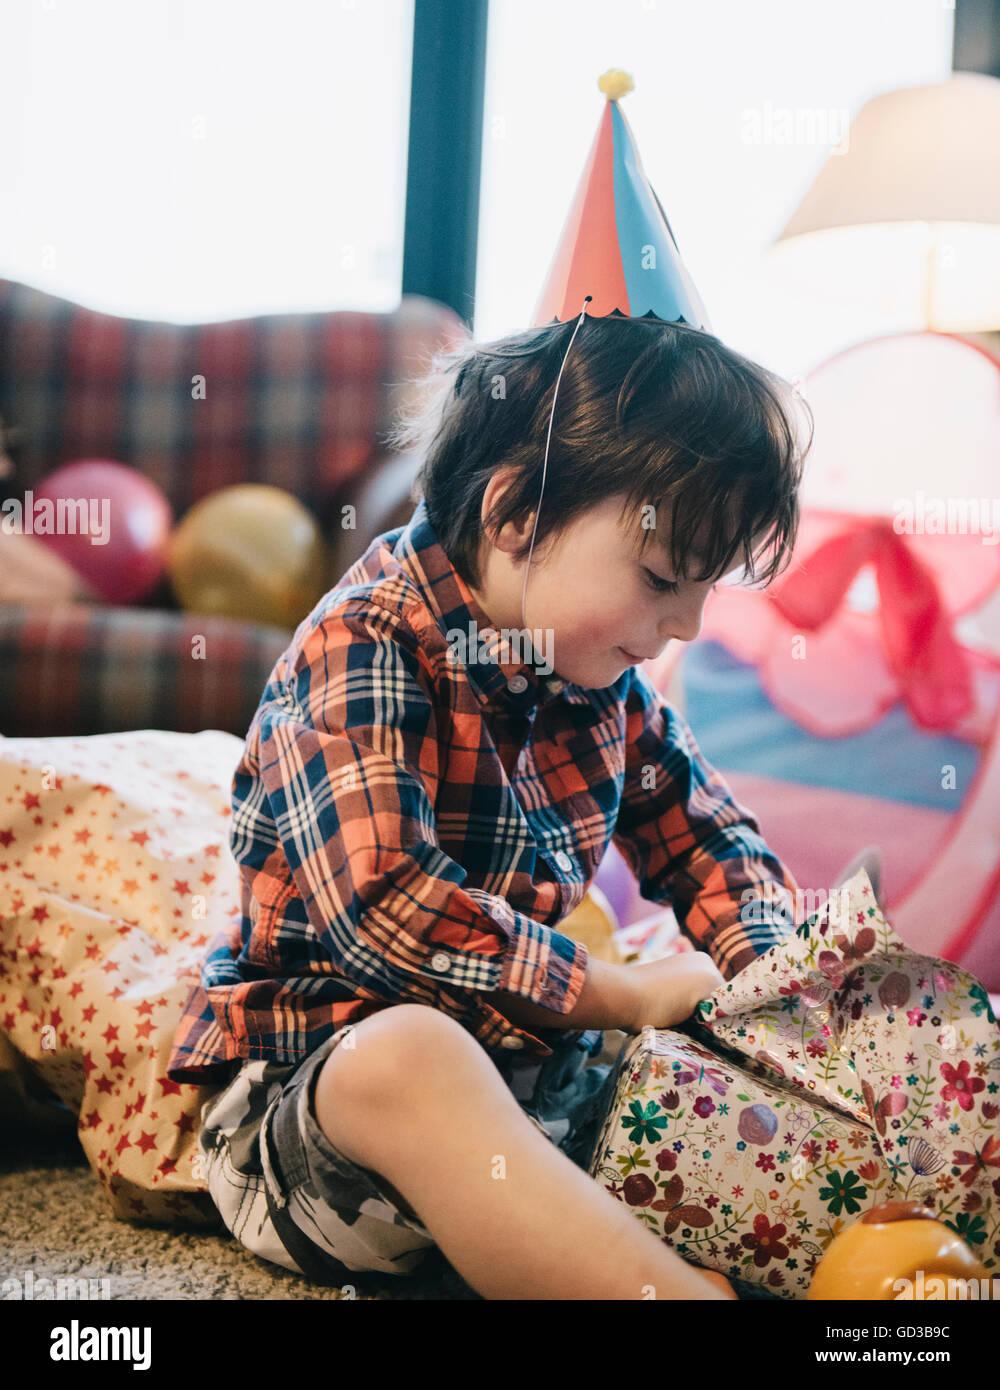 Un ragazzo svolgendo la sua presenta in corrispondenza della sua festa di compleanno. Immagini Stock